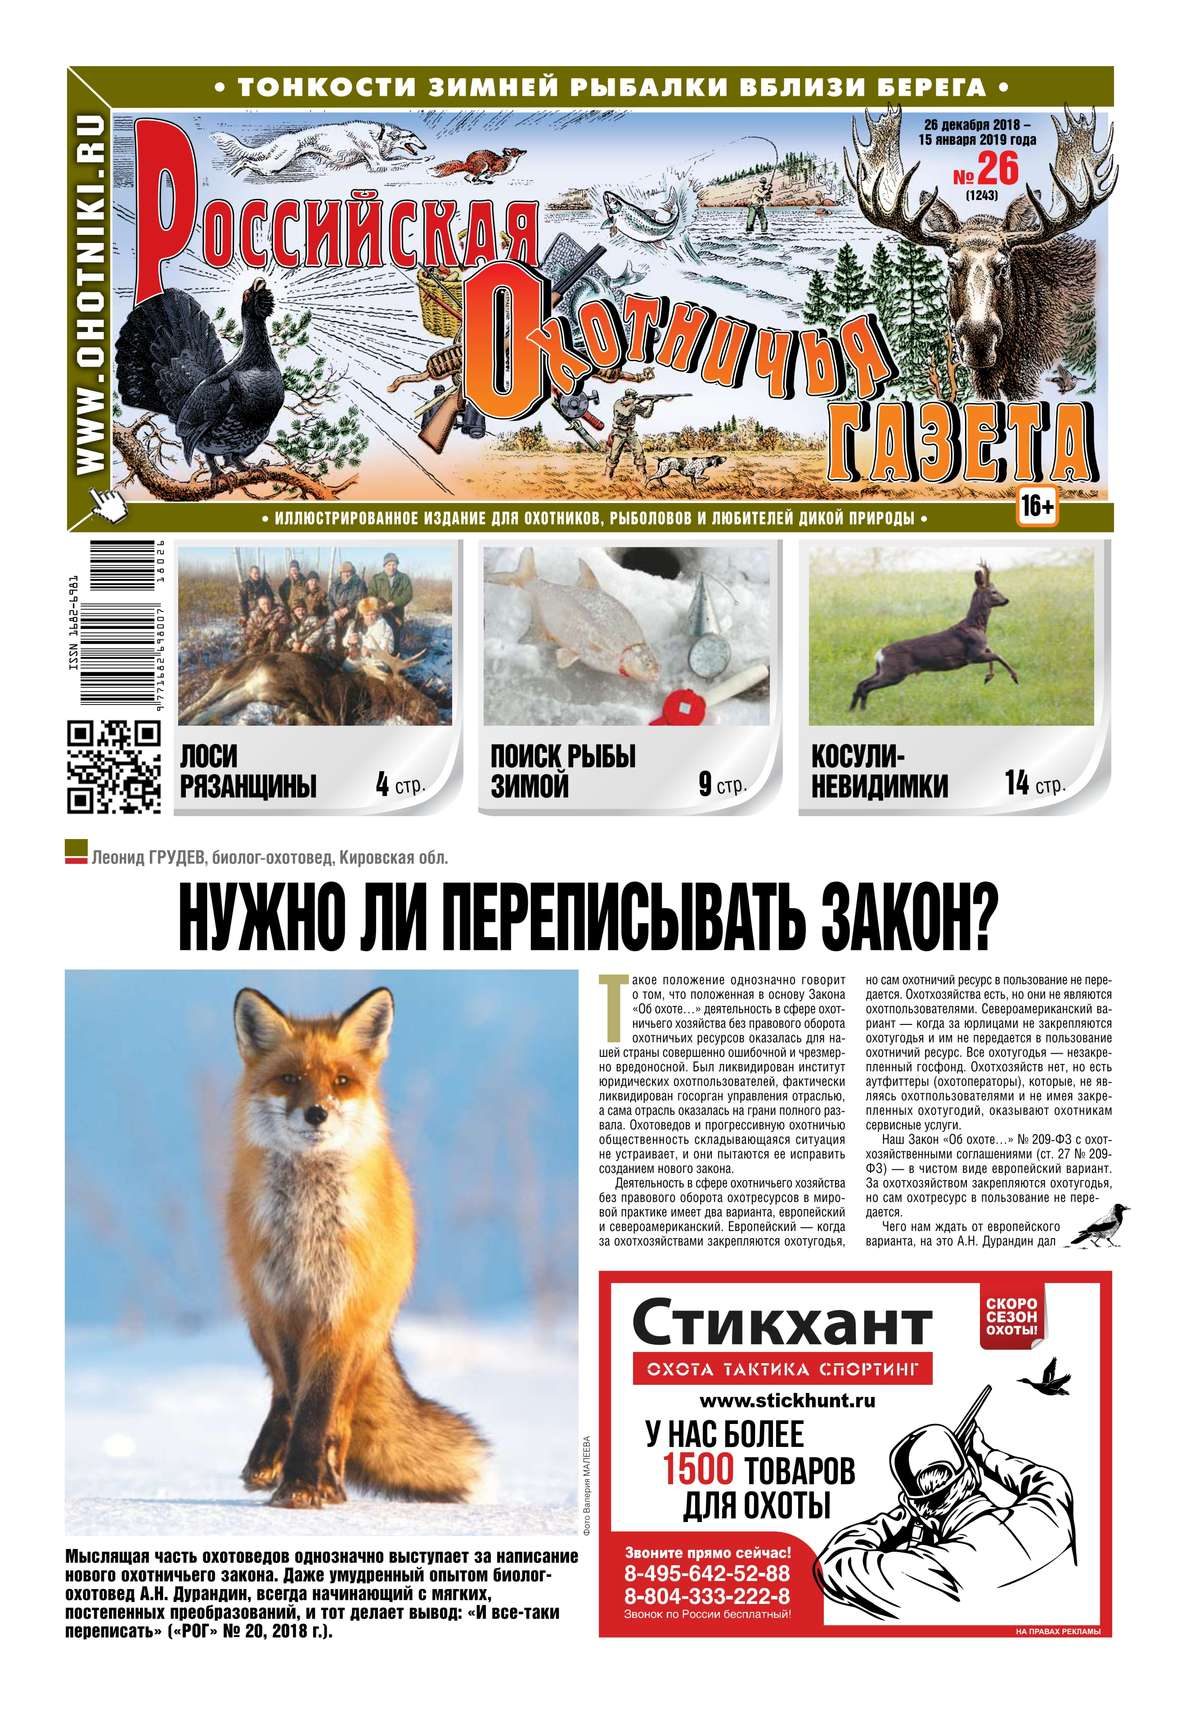 Российская Охотничья Газета 26-2018